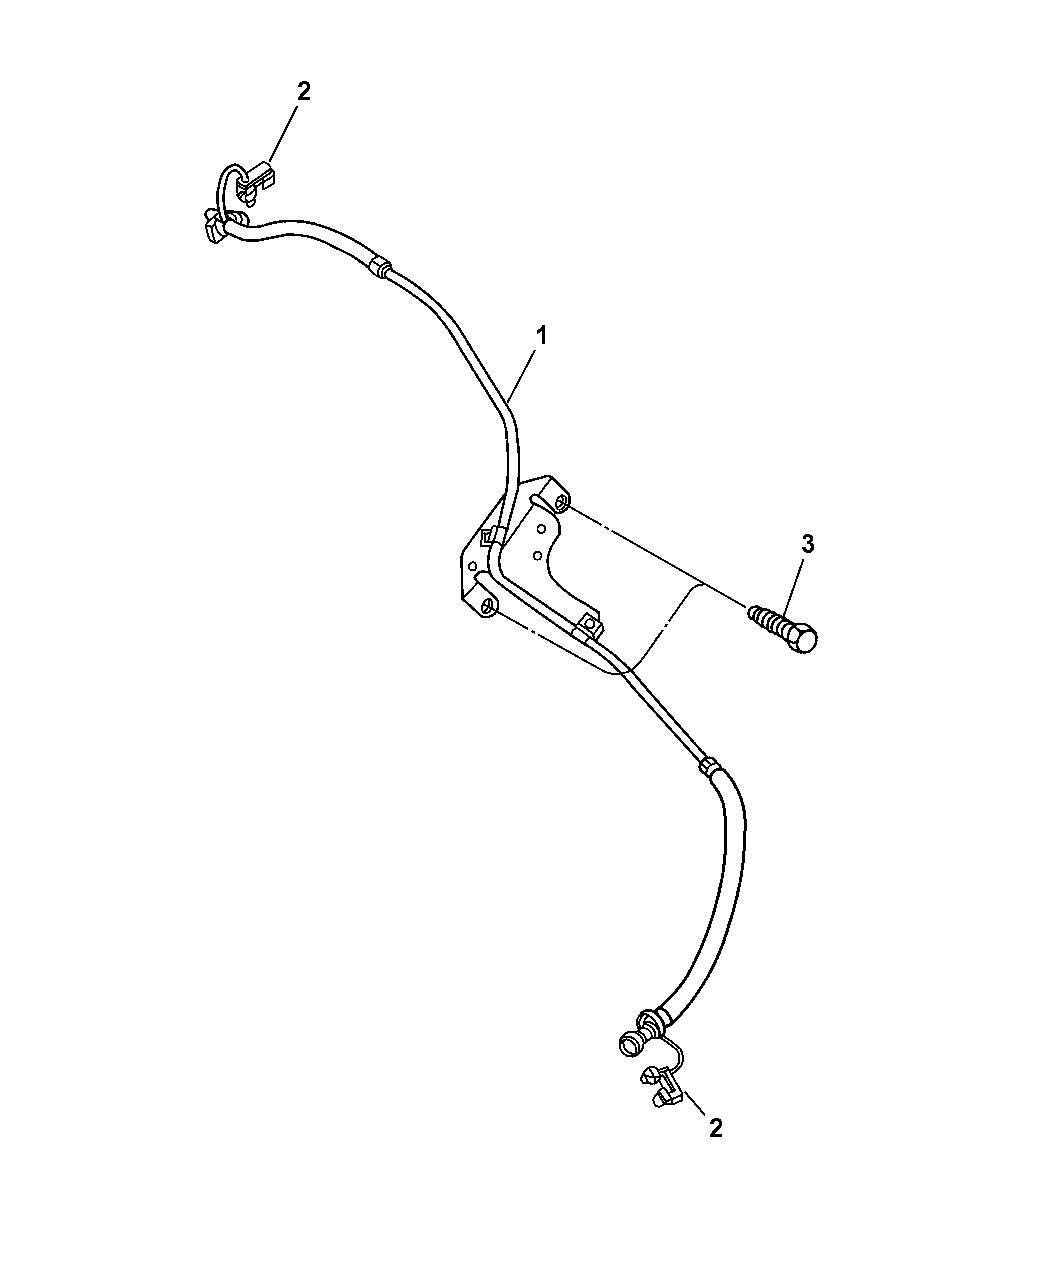 52110252ag genuine dodge tube fuel supply and vapor lines Dodge Caliber Fuel System Diagram 2005 dodge ram 1500 fuel lines, front